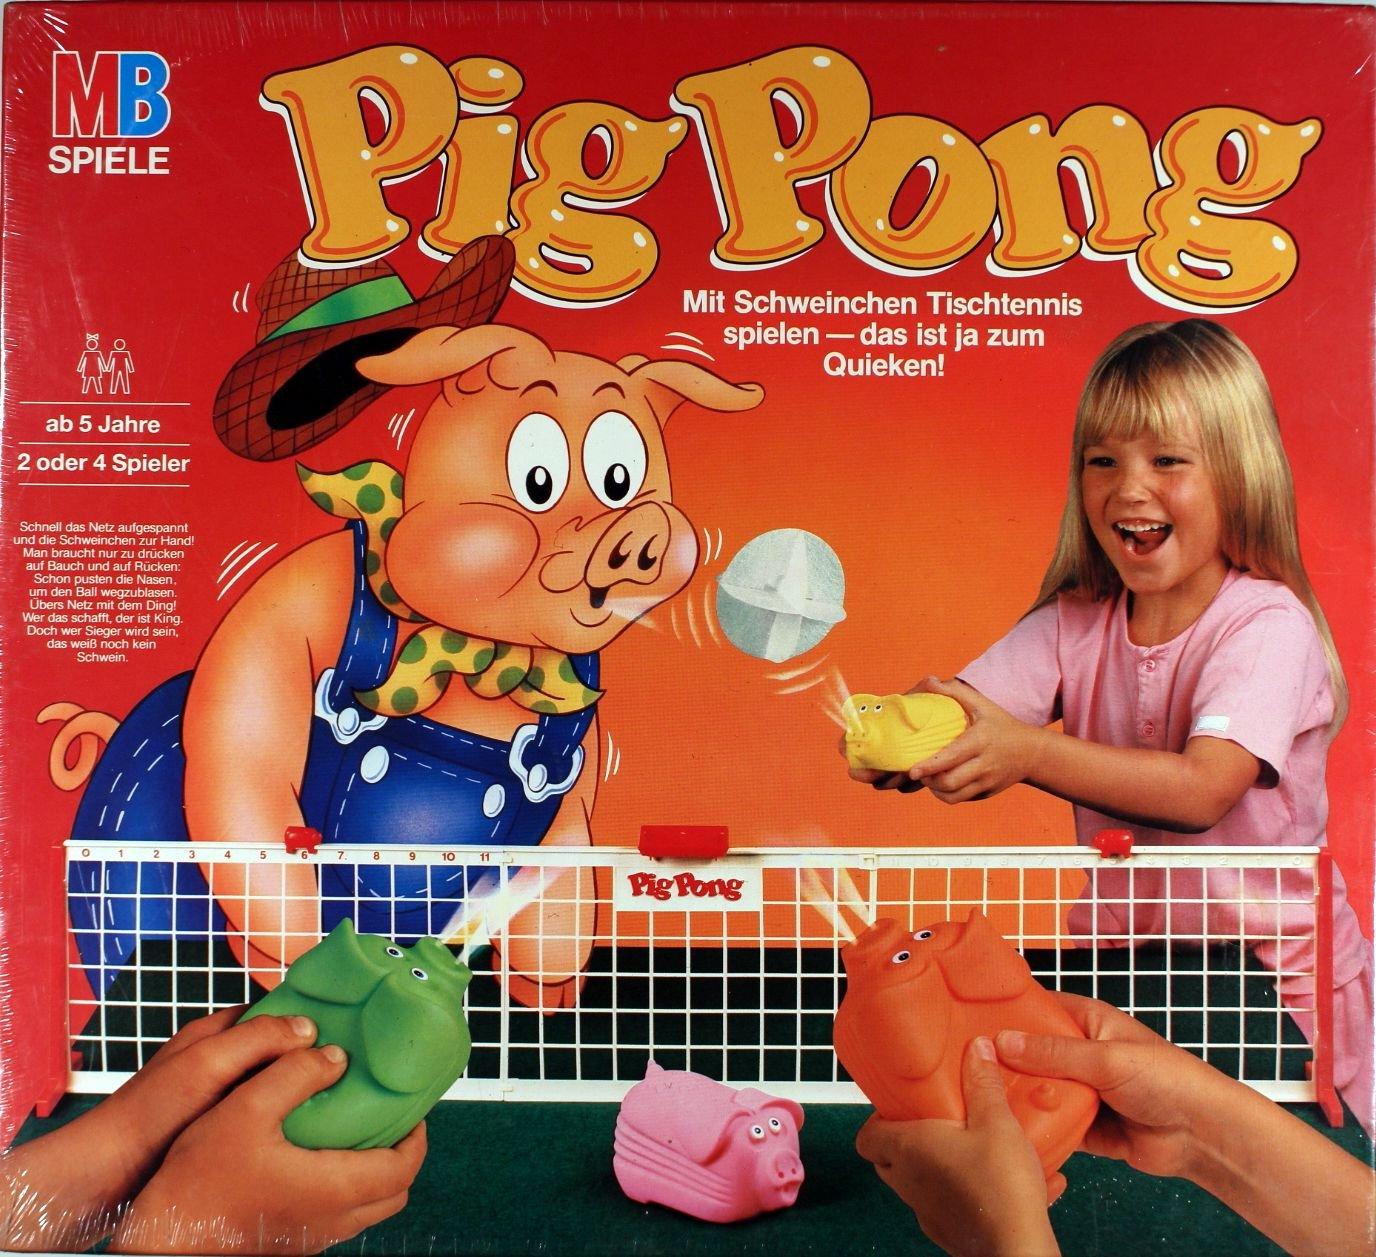 MB Pig Pong - Mit Schweinchen Tischtennis spielen - das ist ja zum Quieken